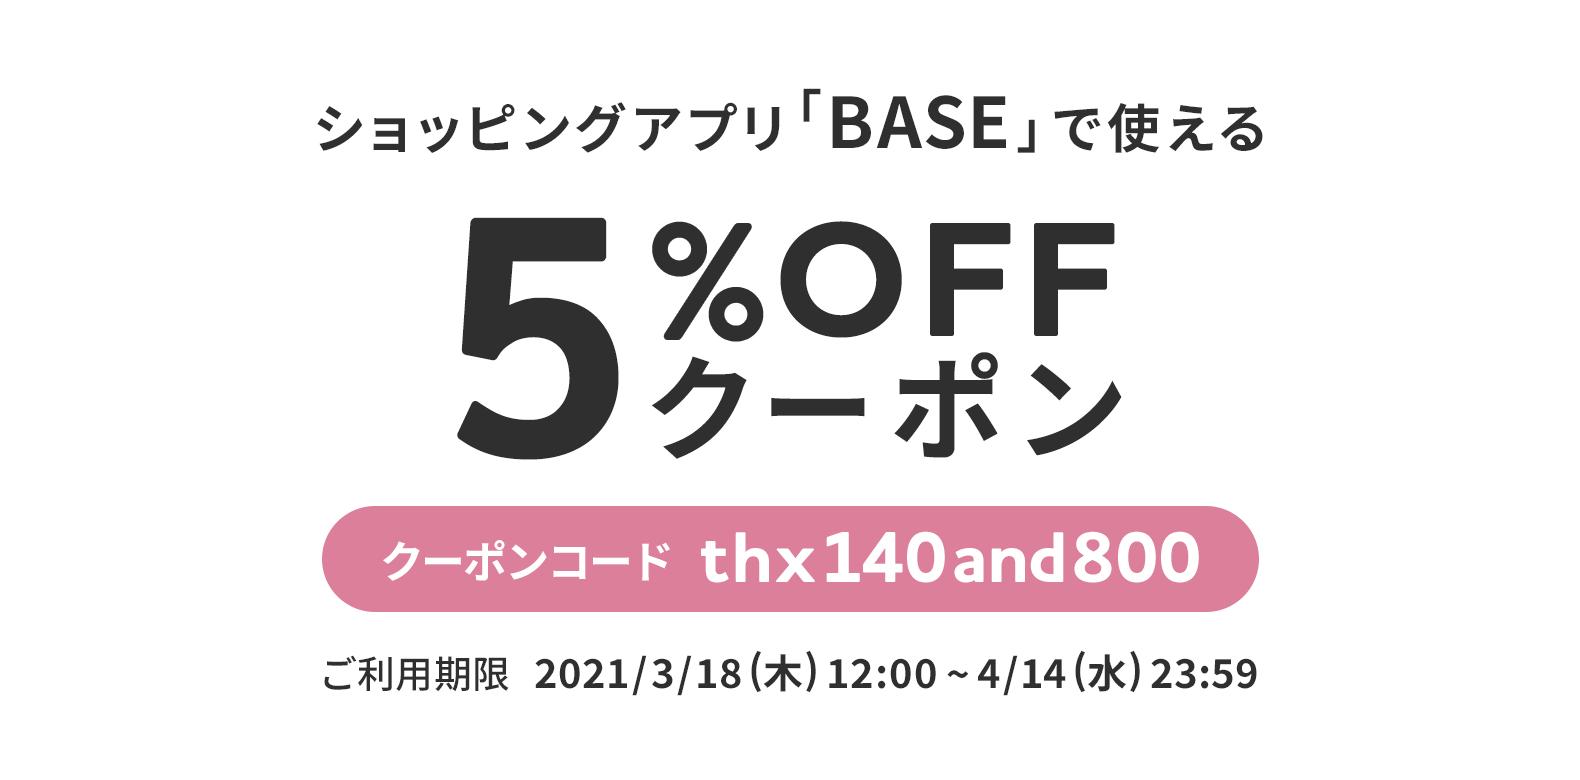 【3/18~4/14期間限定】5%OFFクーポンキャンペーン